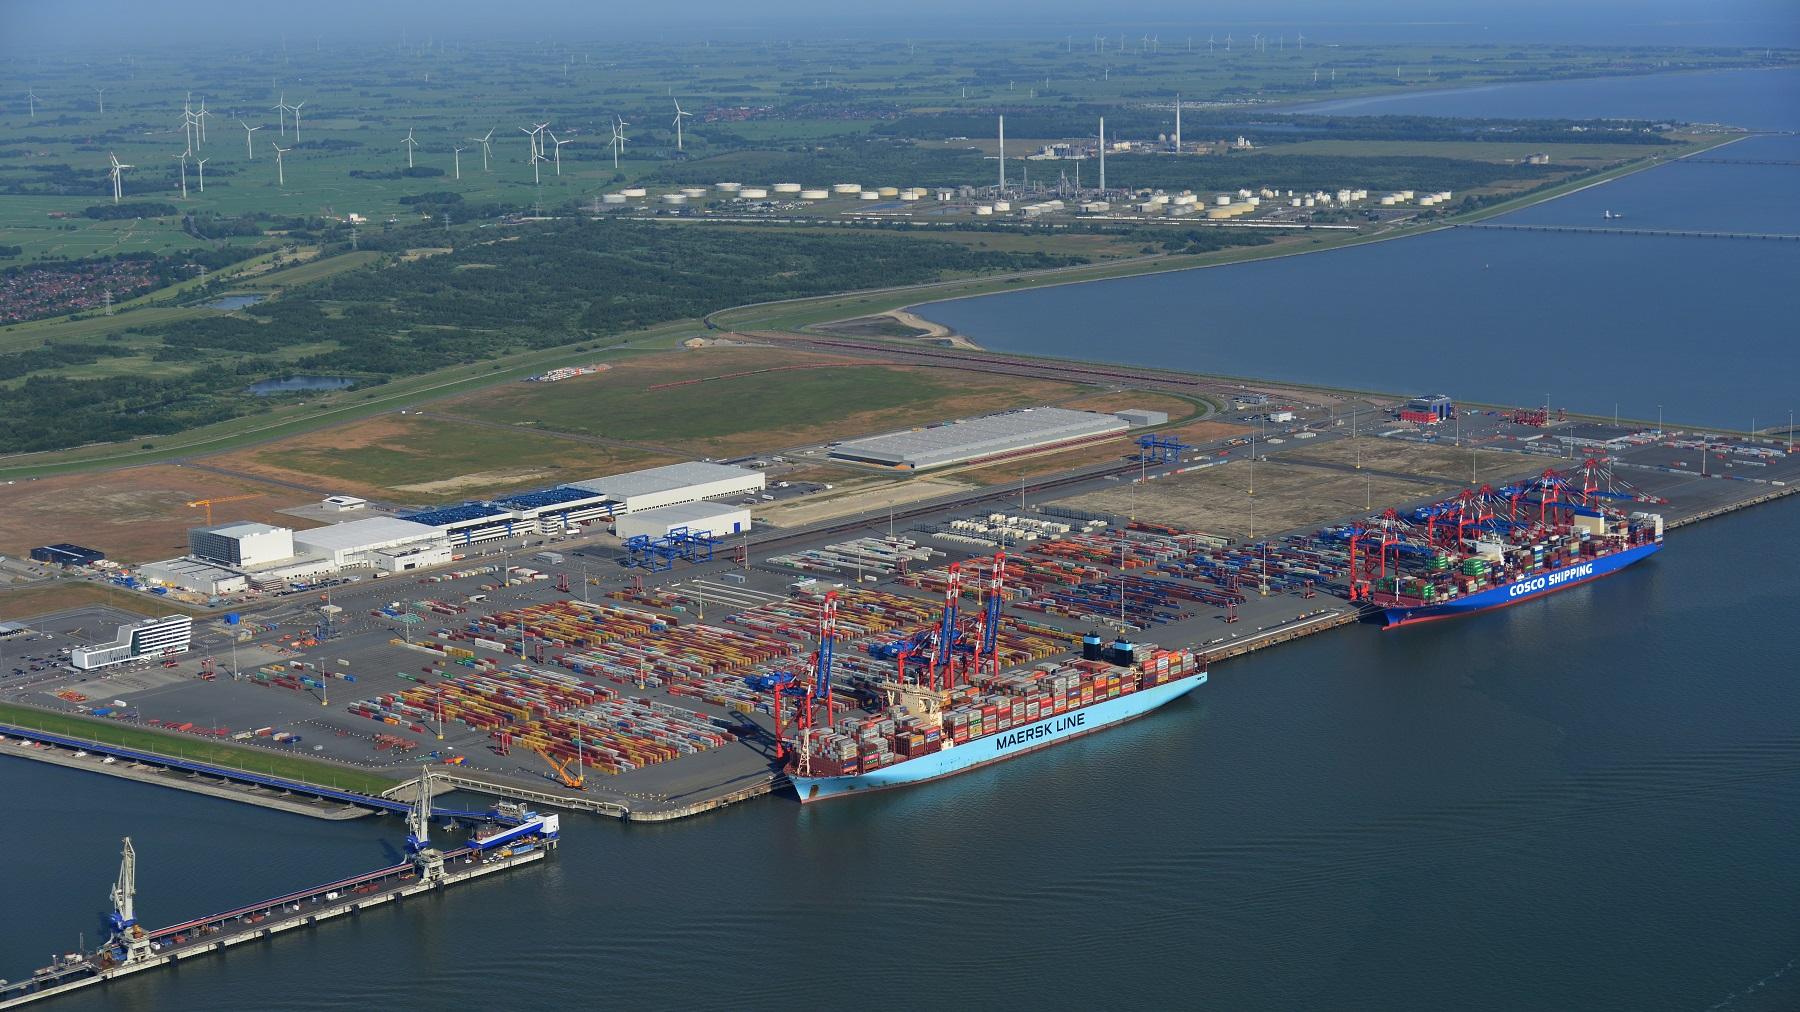 https://seaports.de/content/uploads/15.6.2020-JadeWeserPort-10316_9banner.jpg